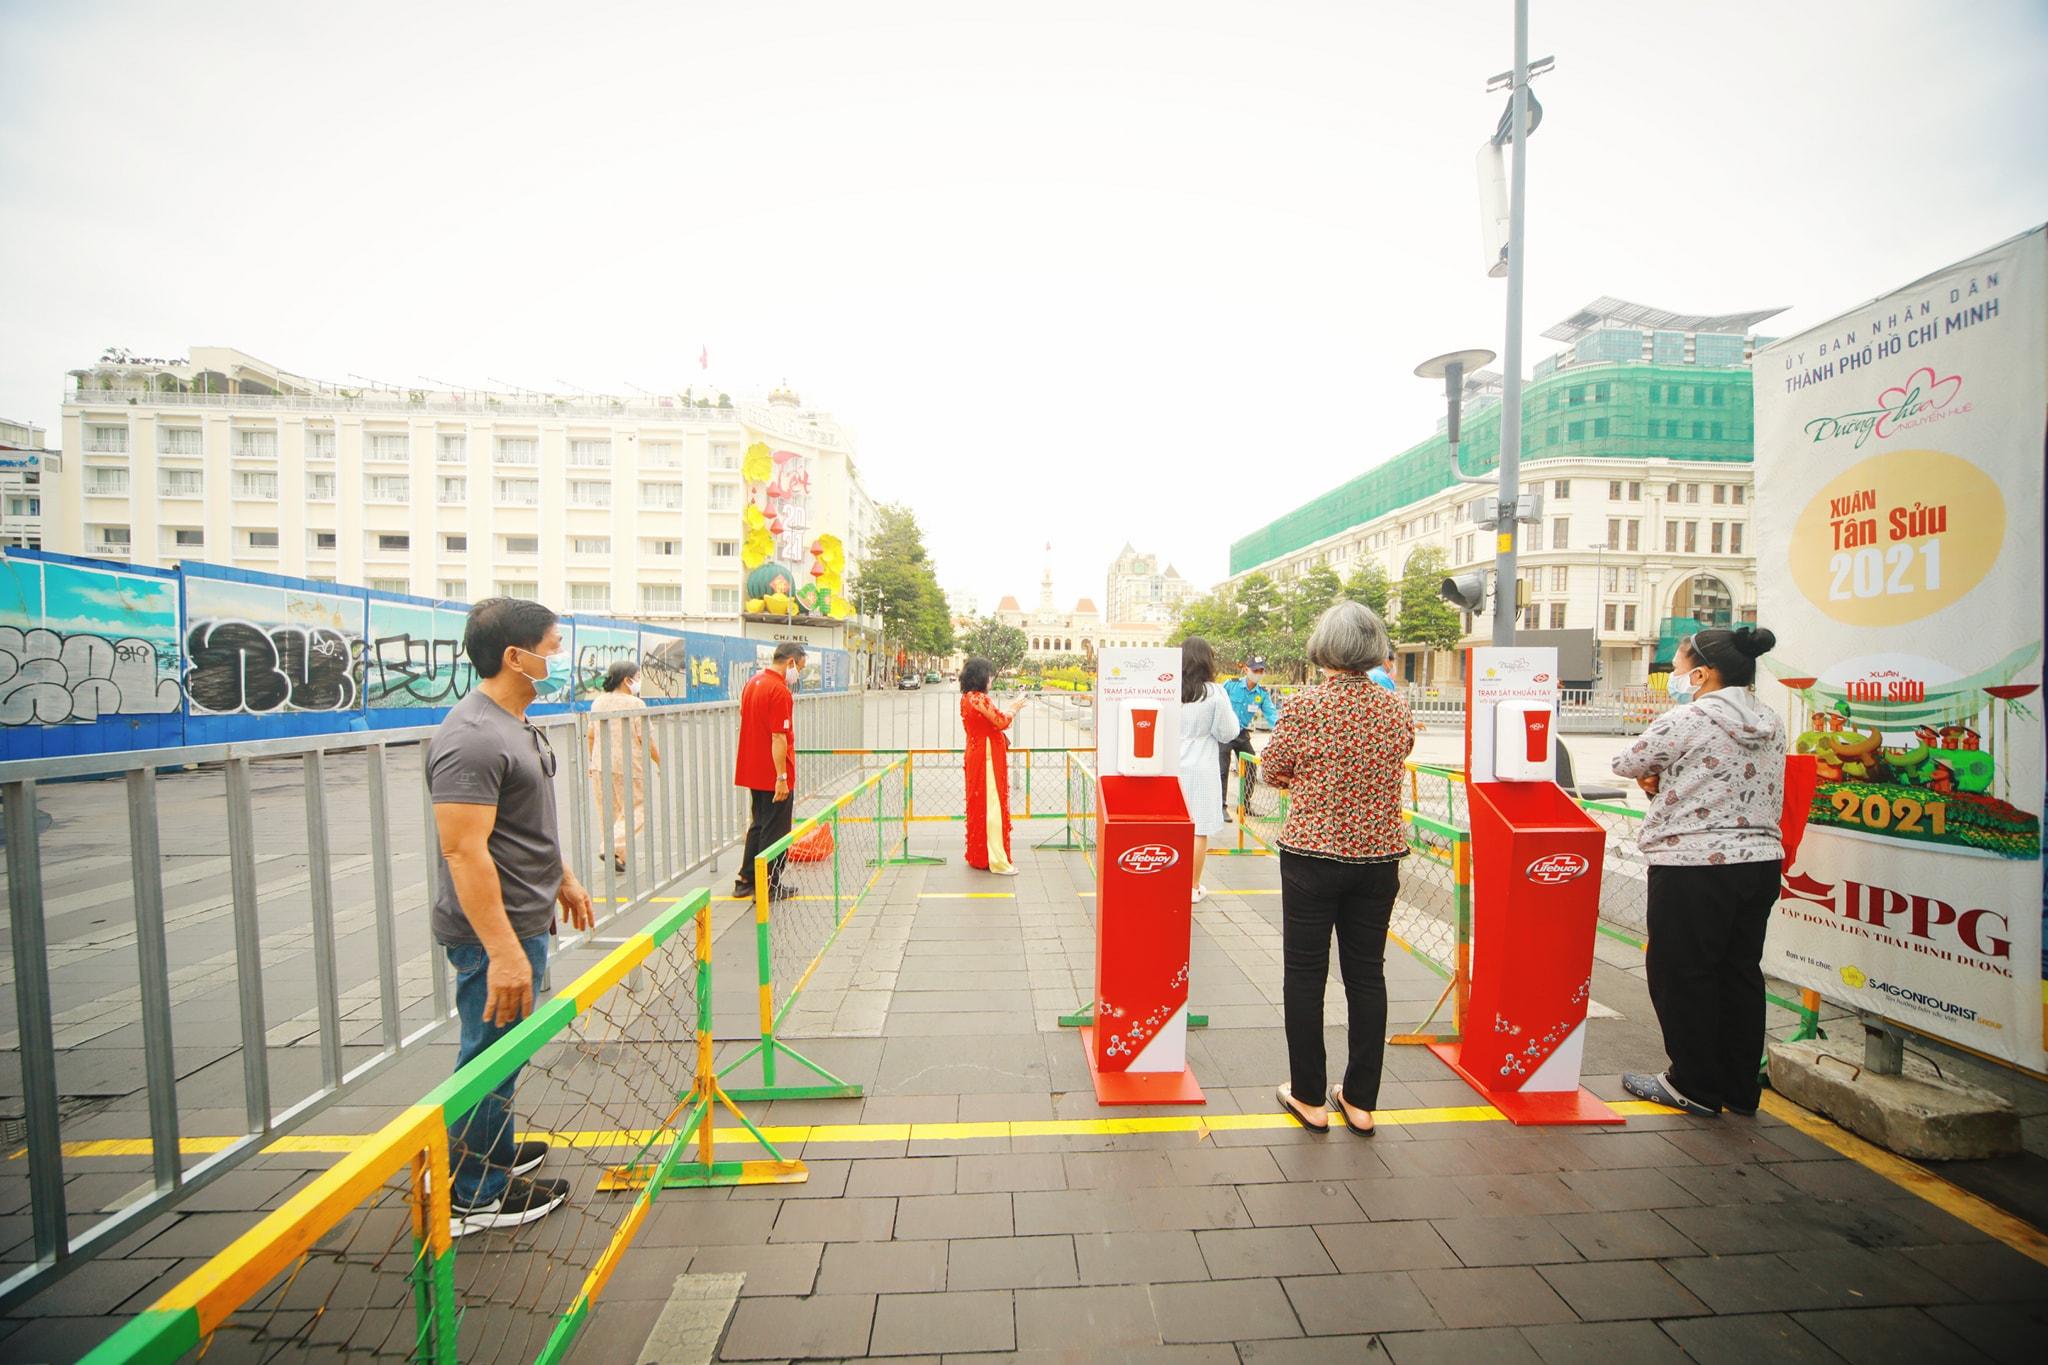 Những du khách đầu tiên đến phố đi bộ Nguyễn Huệ từ sớm đợi check-in qua cổng an ninh để đảm bảo an toàn mùa dịch - Nguồn ảnh: Huy NguyenAn